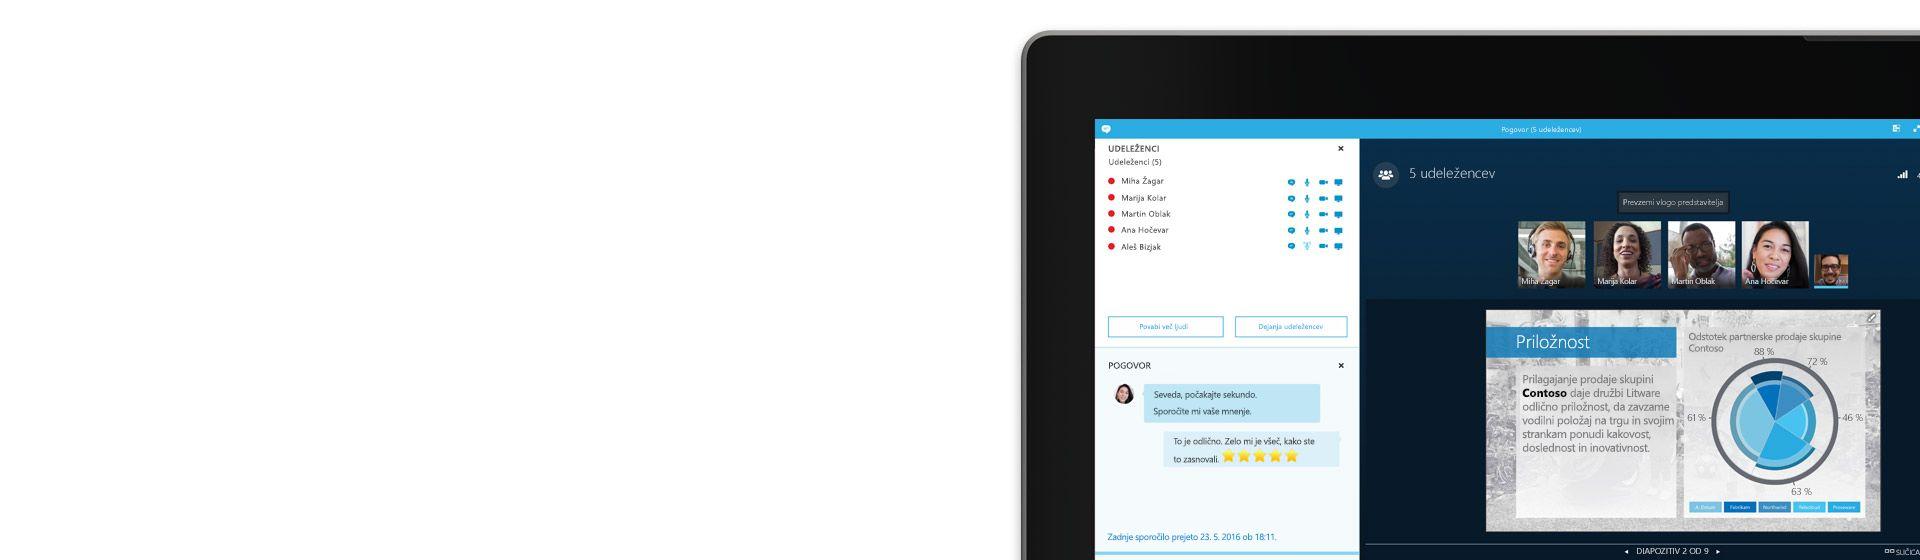 Kot zaslona prenosnika, ki prikazuje potek srečanja v Skypu za podjetja s seznamom udeležencev